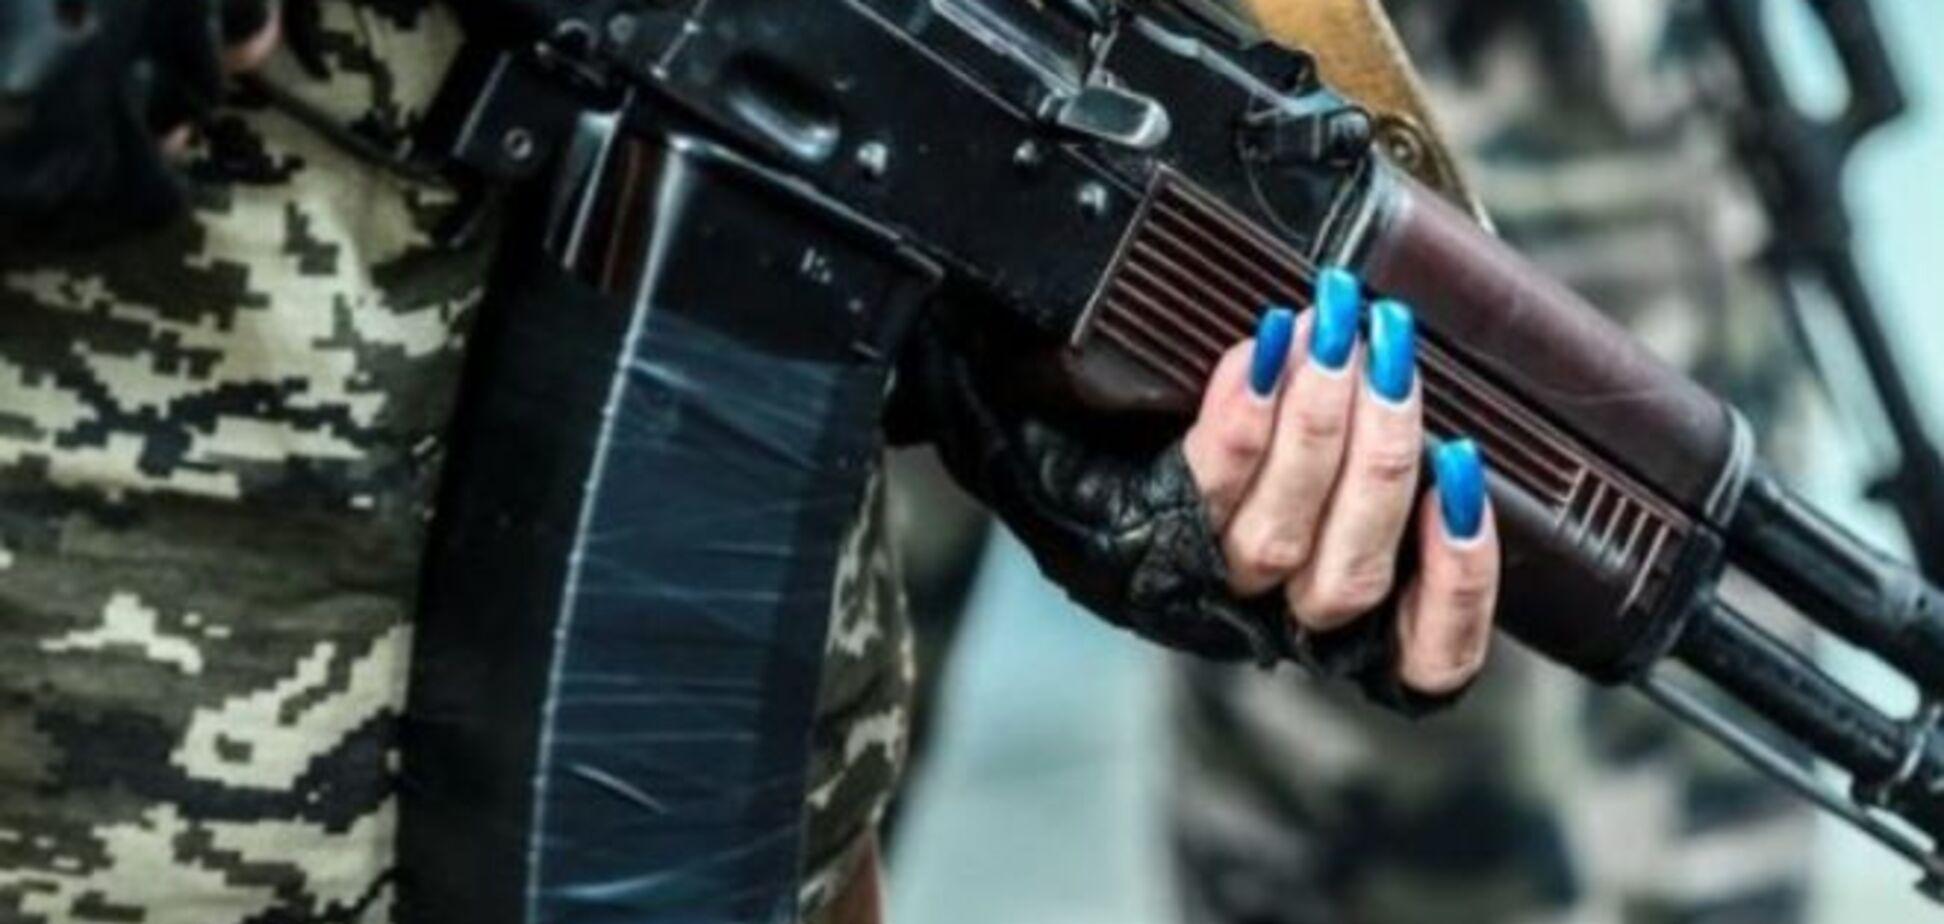 Терористи заявляють про розстріл 'розвідниці' ДНР 'після жорстоких тортур